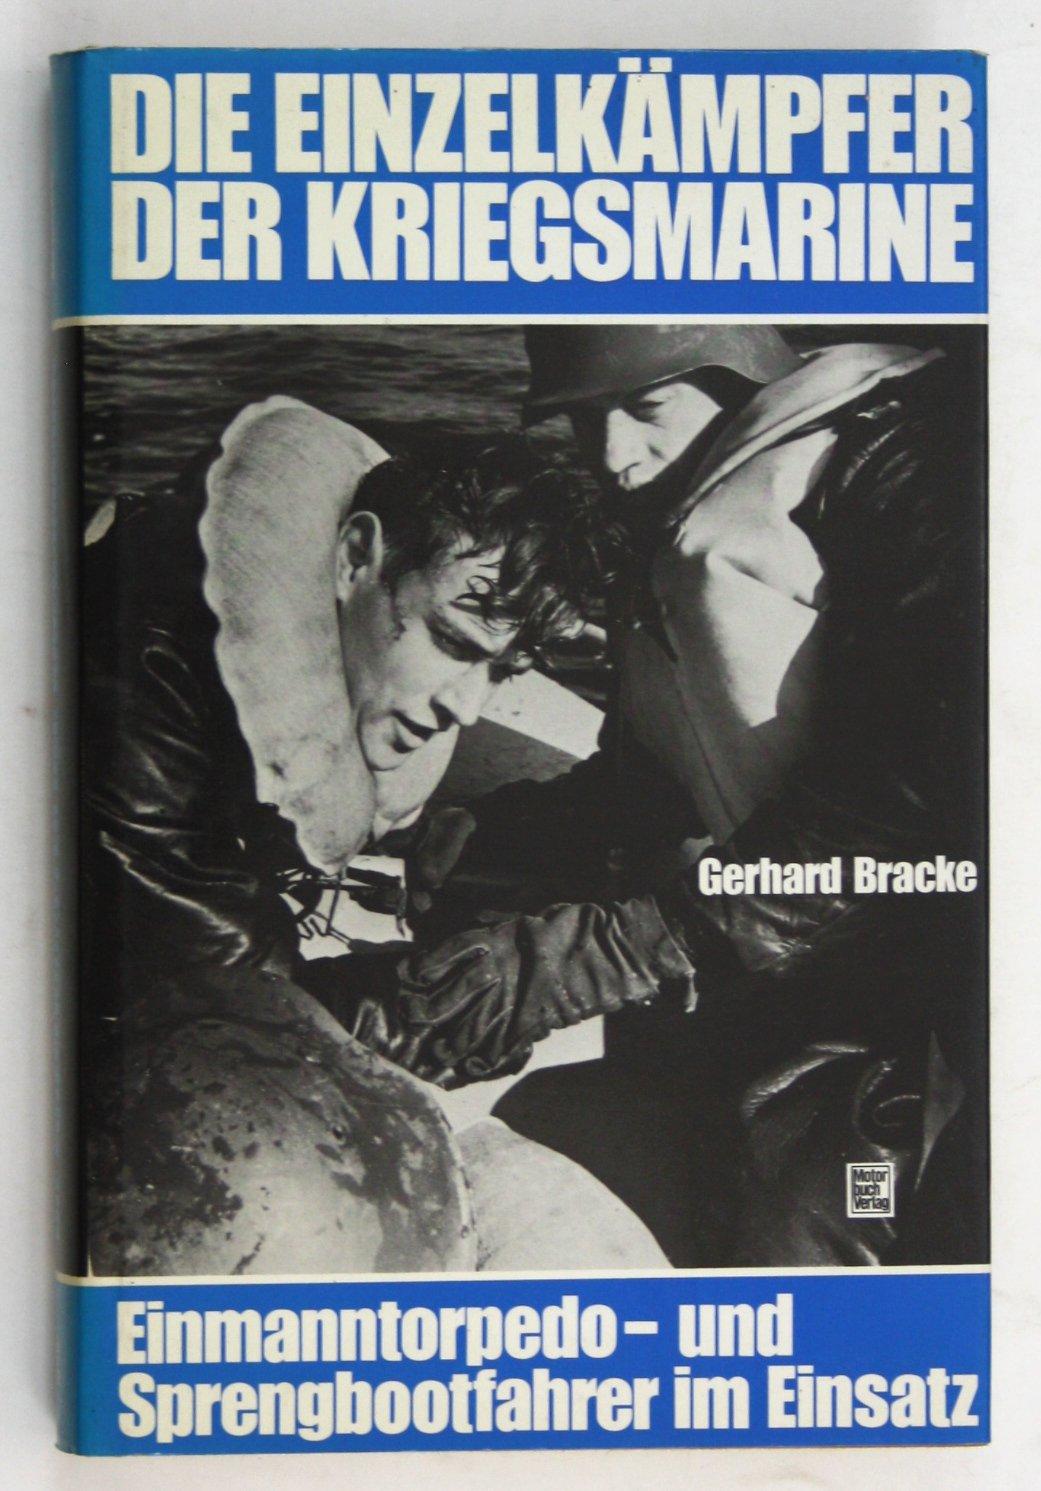 Die Einzelkämpfer der Kriegsmarine. Einmanntorpedo- und Sprengbootfahrer im Einsatz